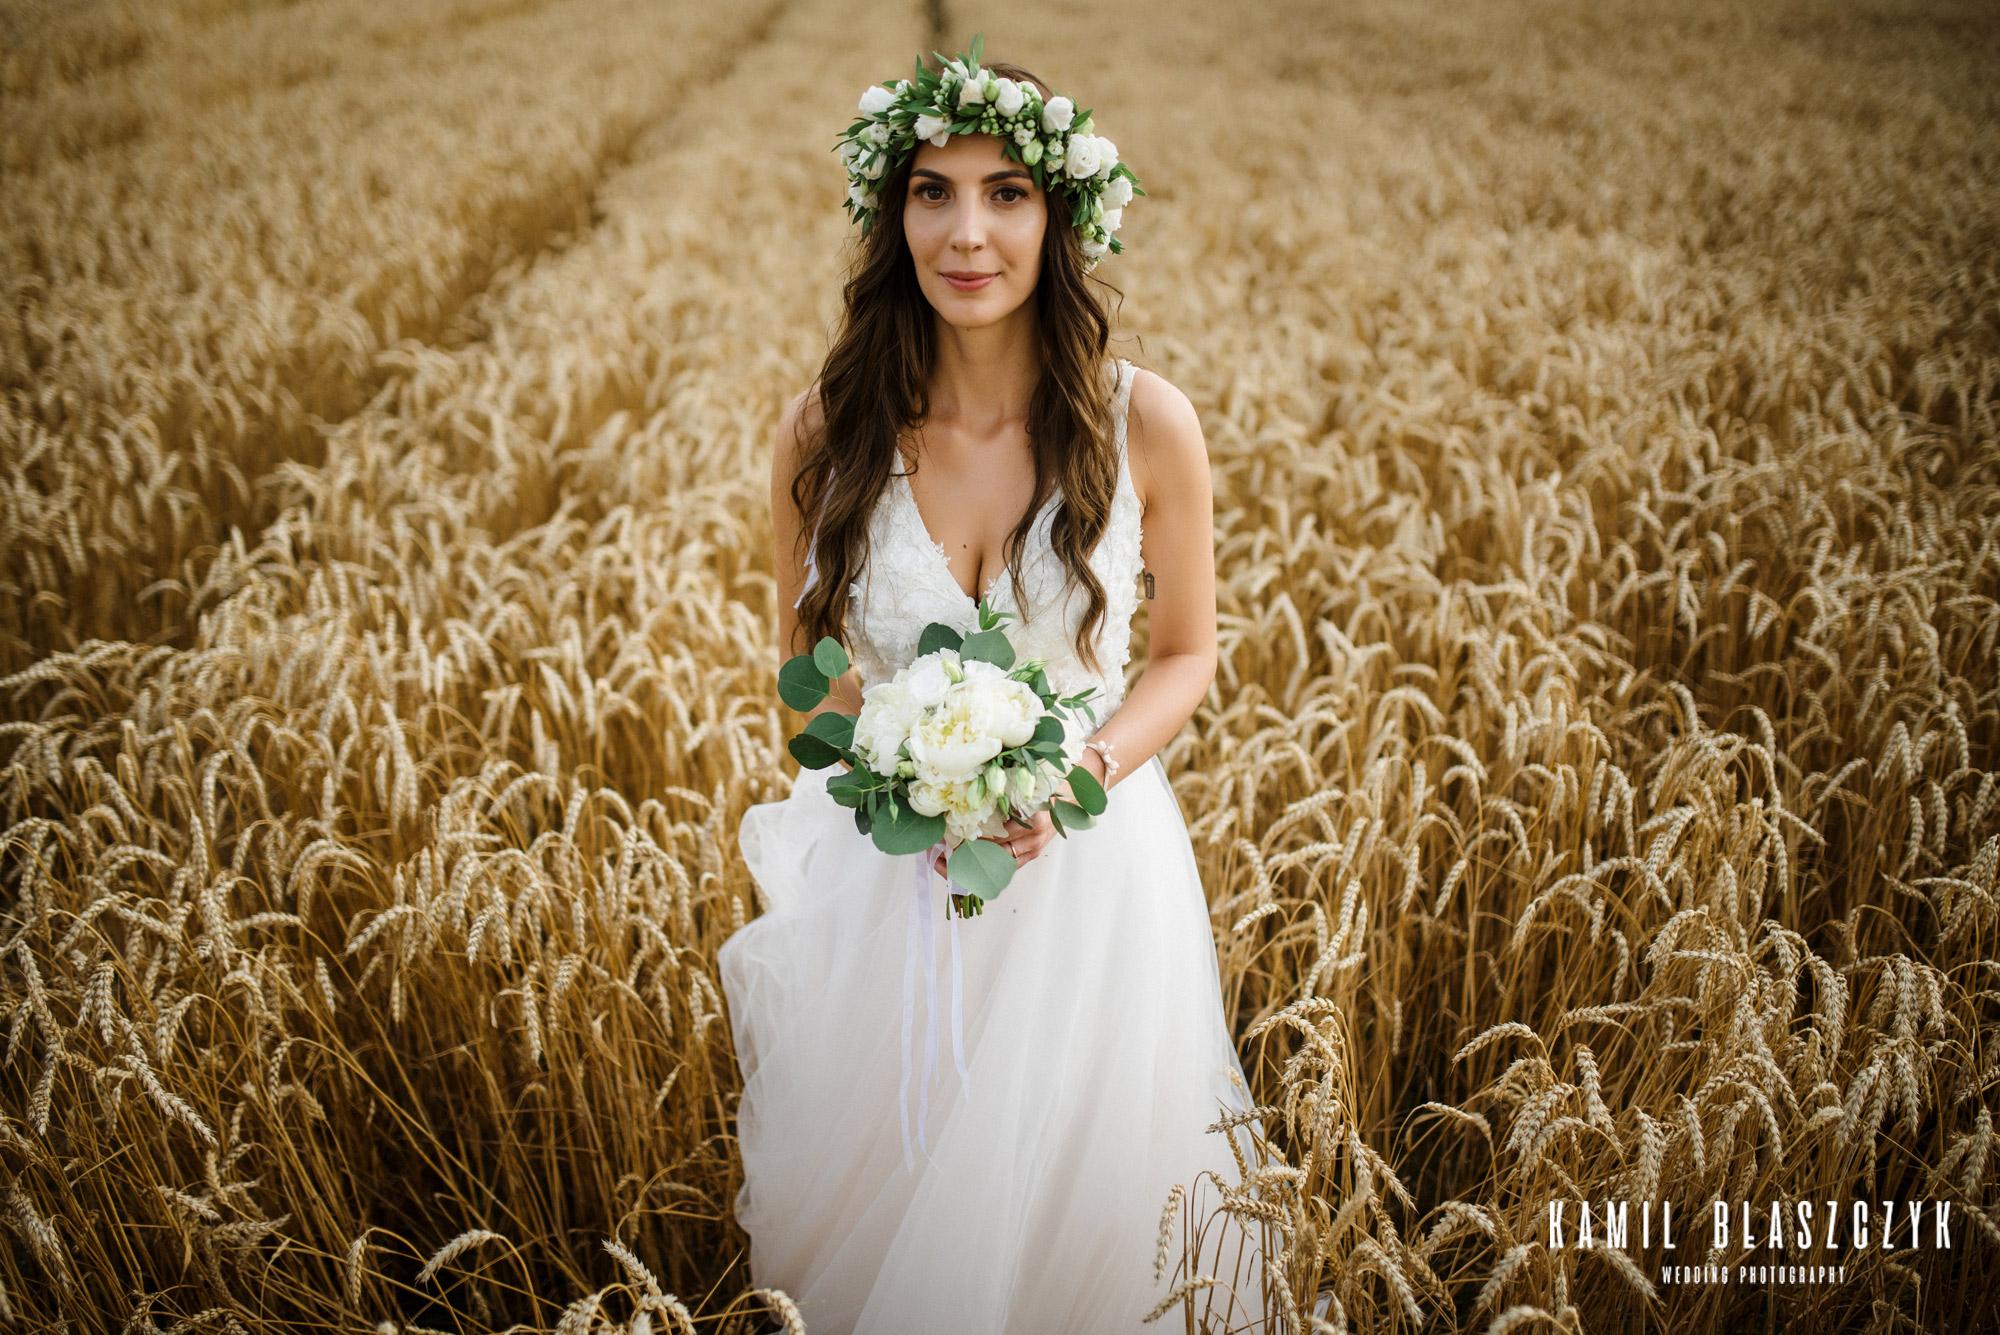 O co zapytać fotografa na ślub? Portret Panny Młodej w Wianku na polu